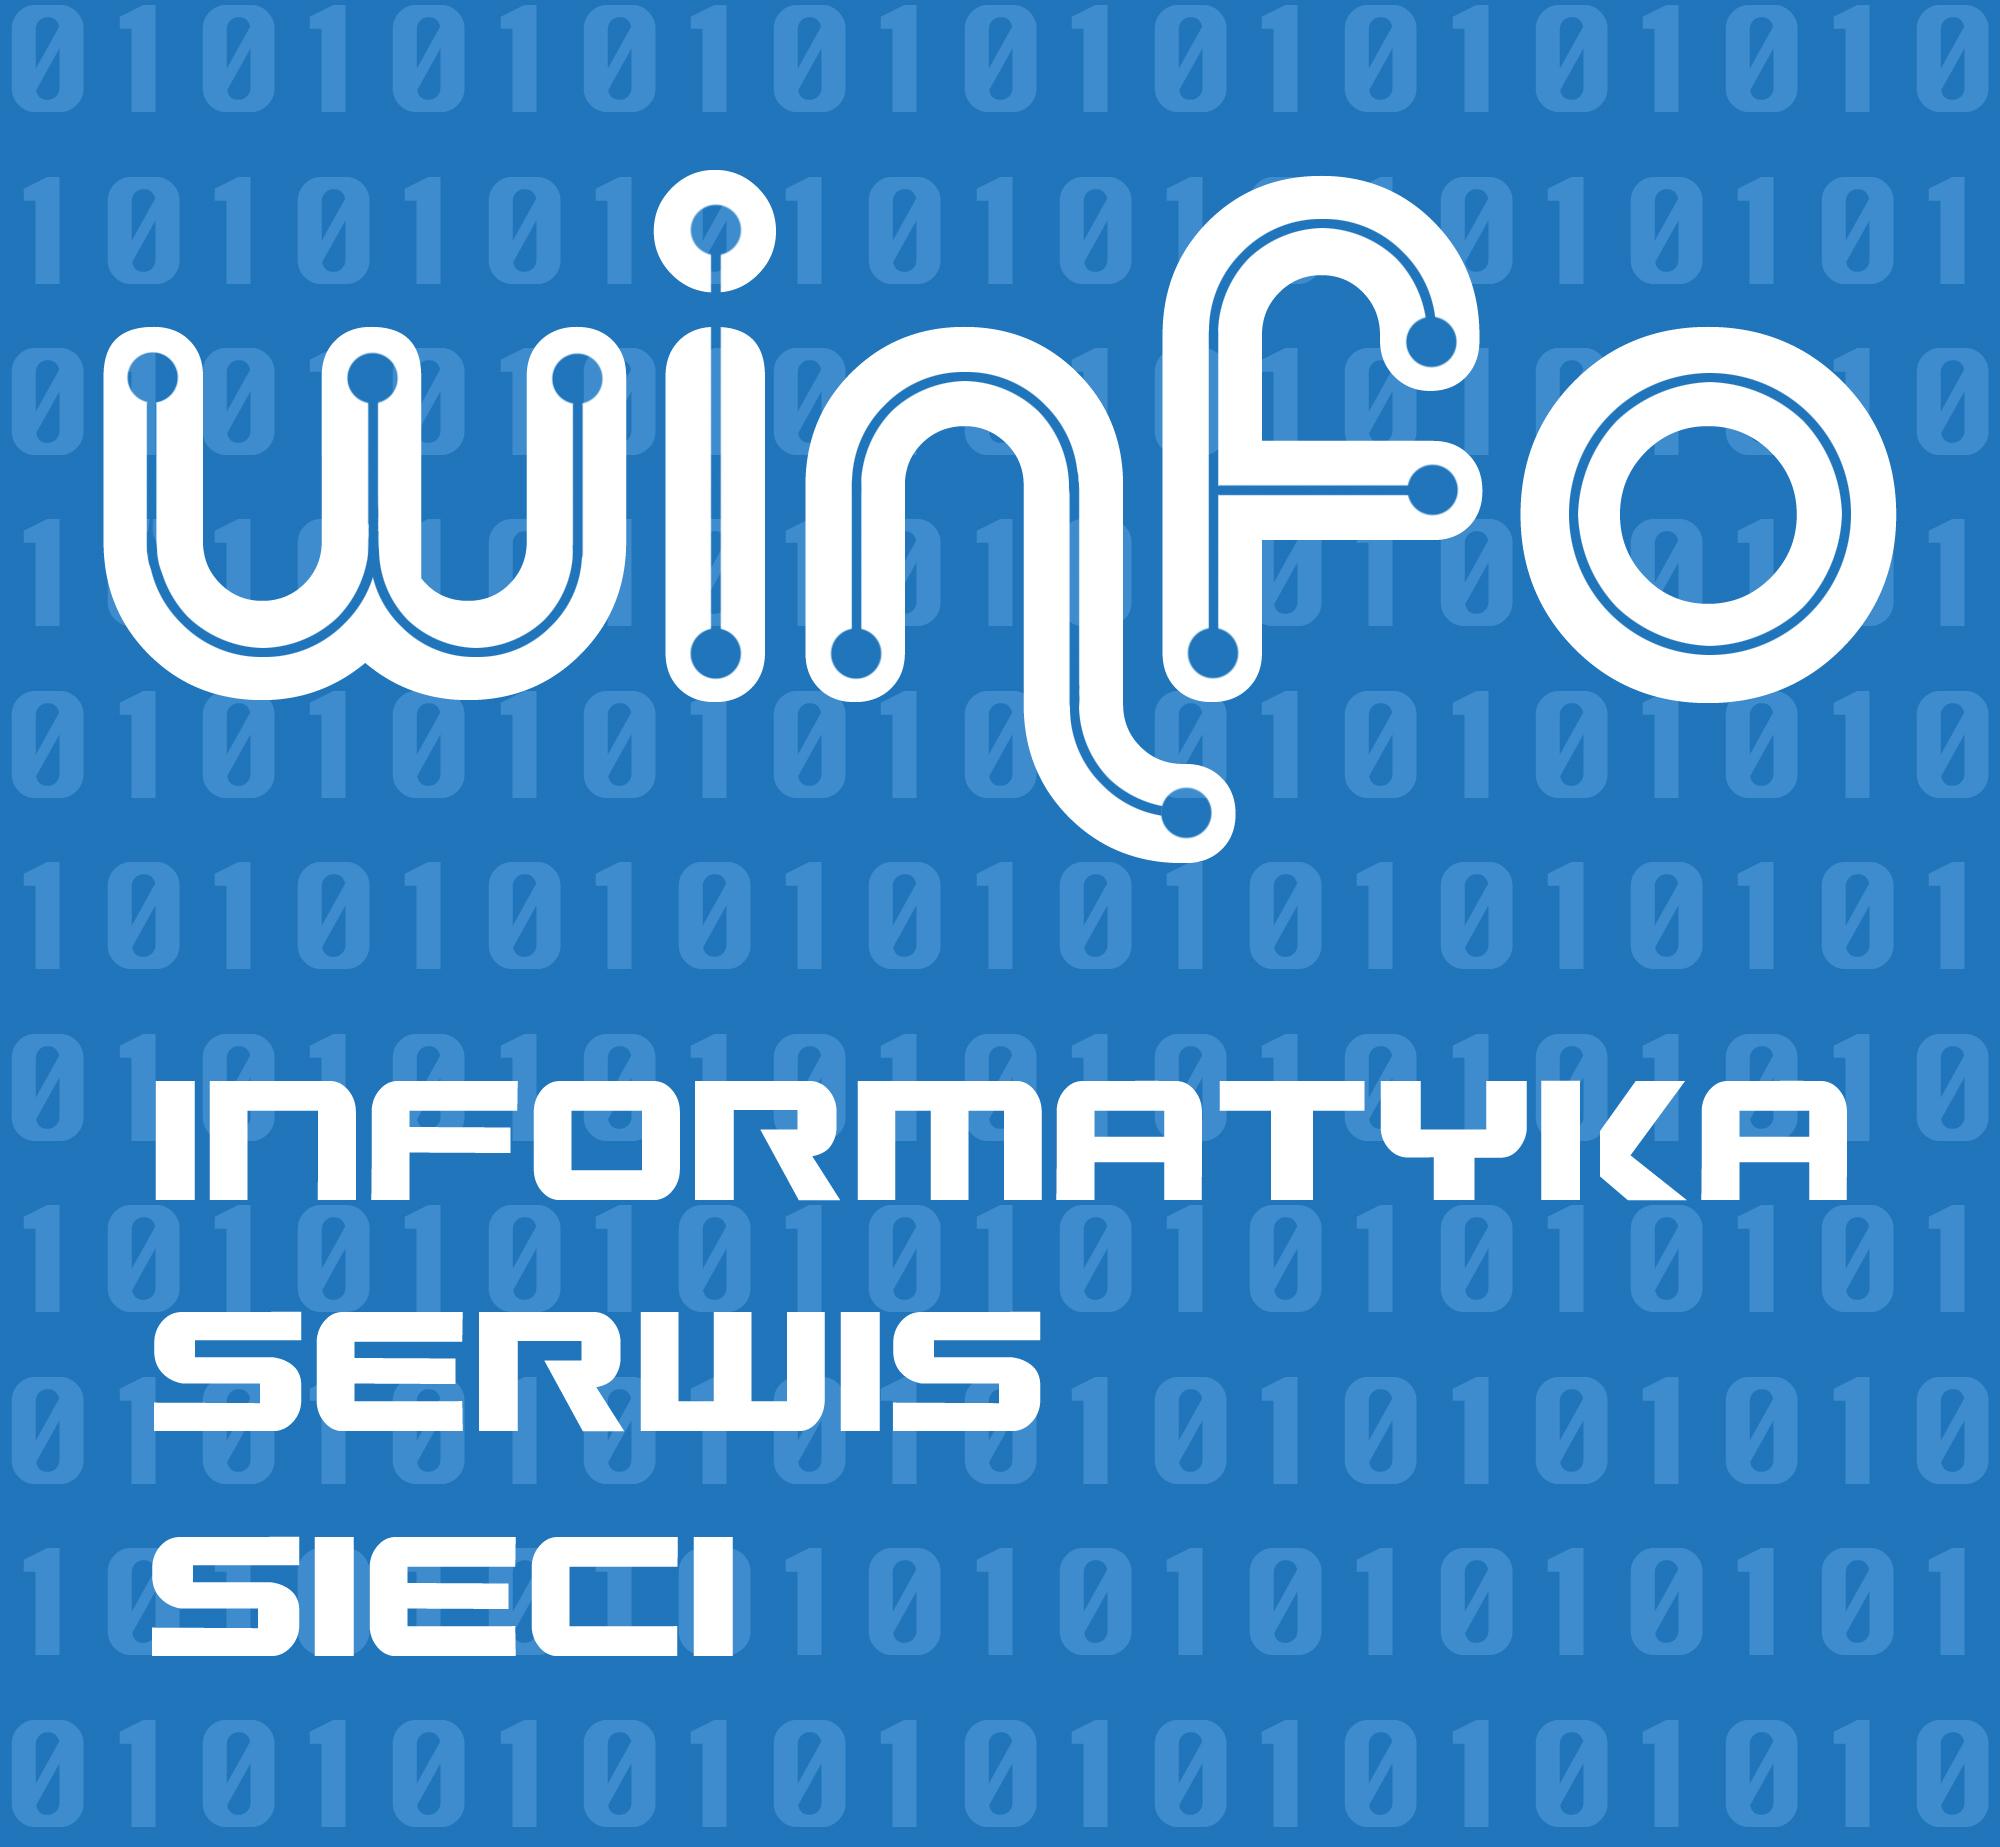 Logo dla firmy Winfo IT. Grafika, logo, logotyp, identyfikacja wizualna